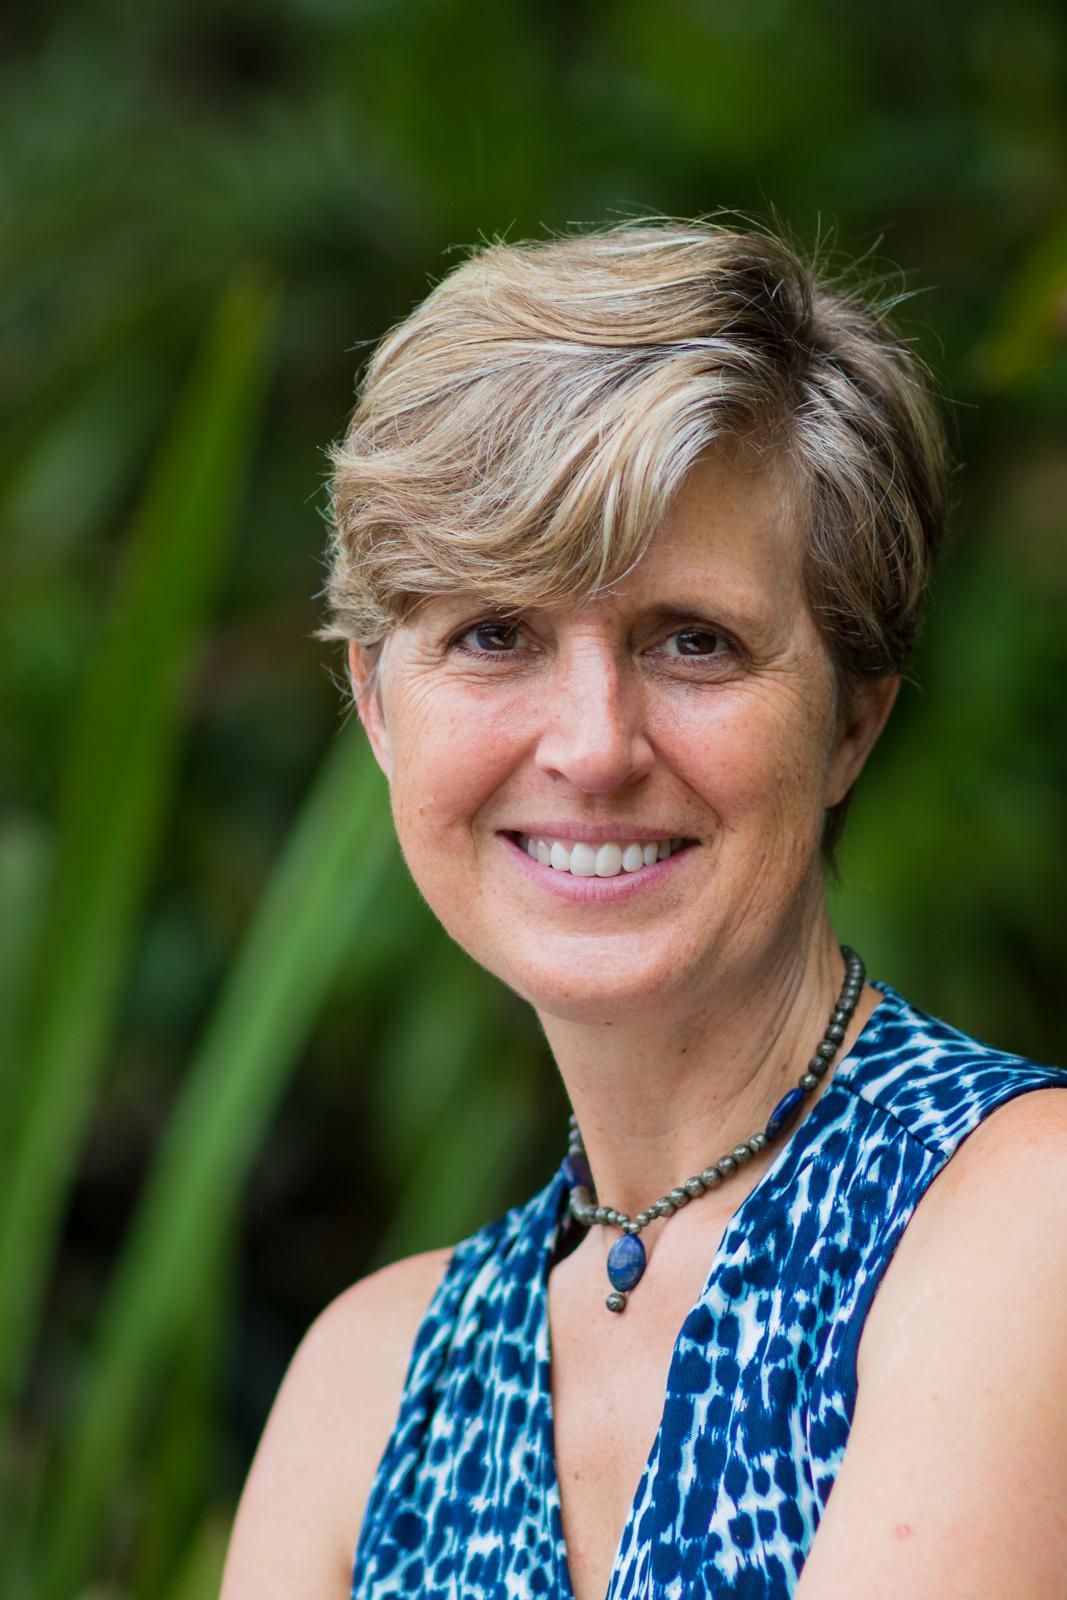 Diana H. Dokos